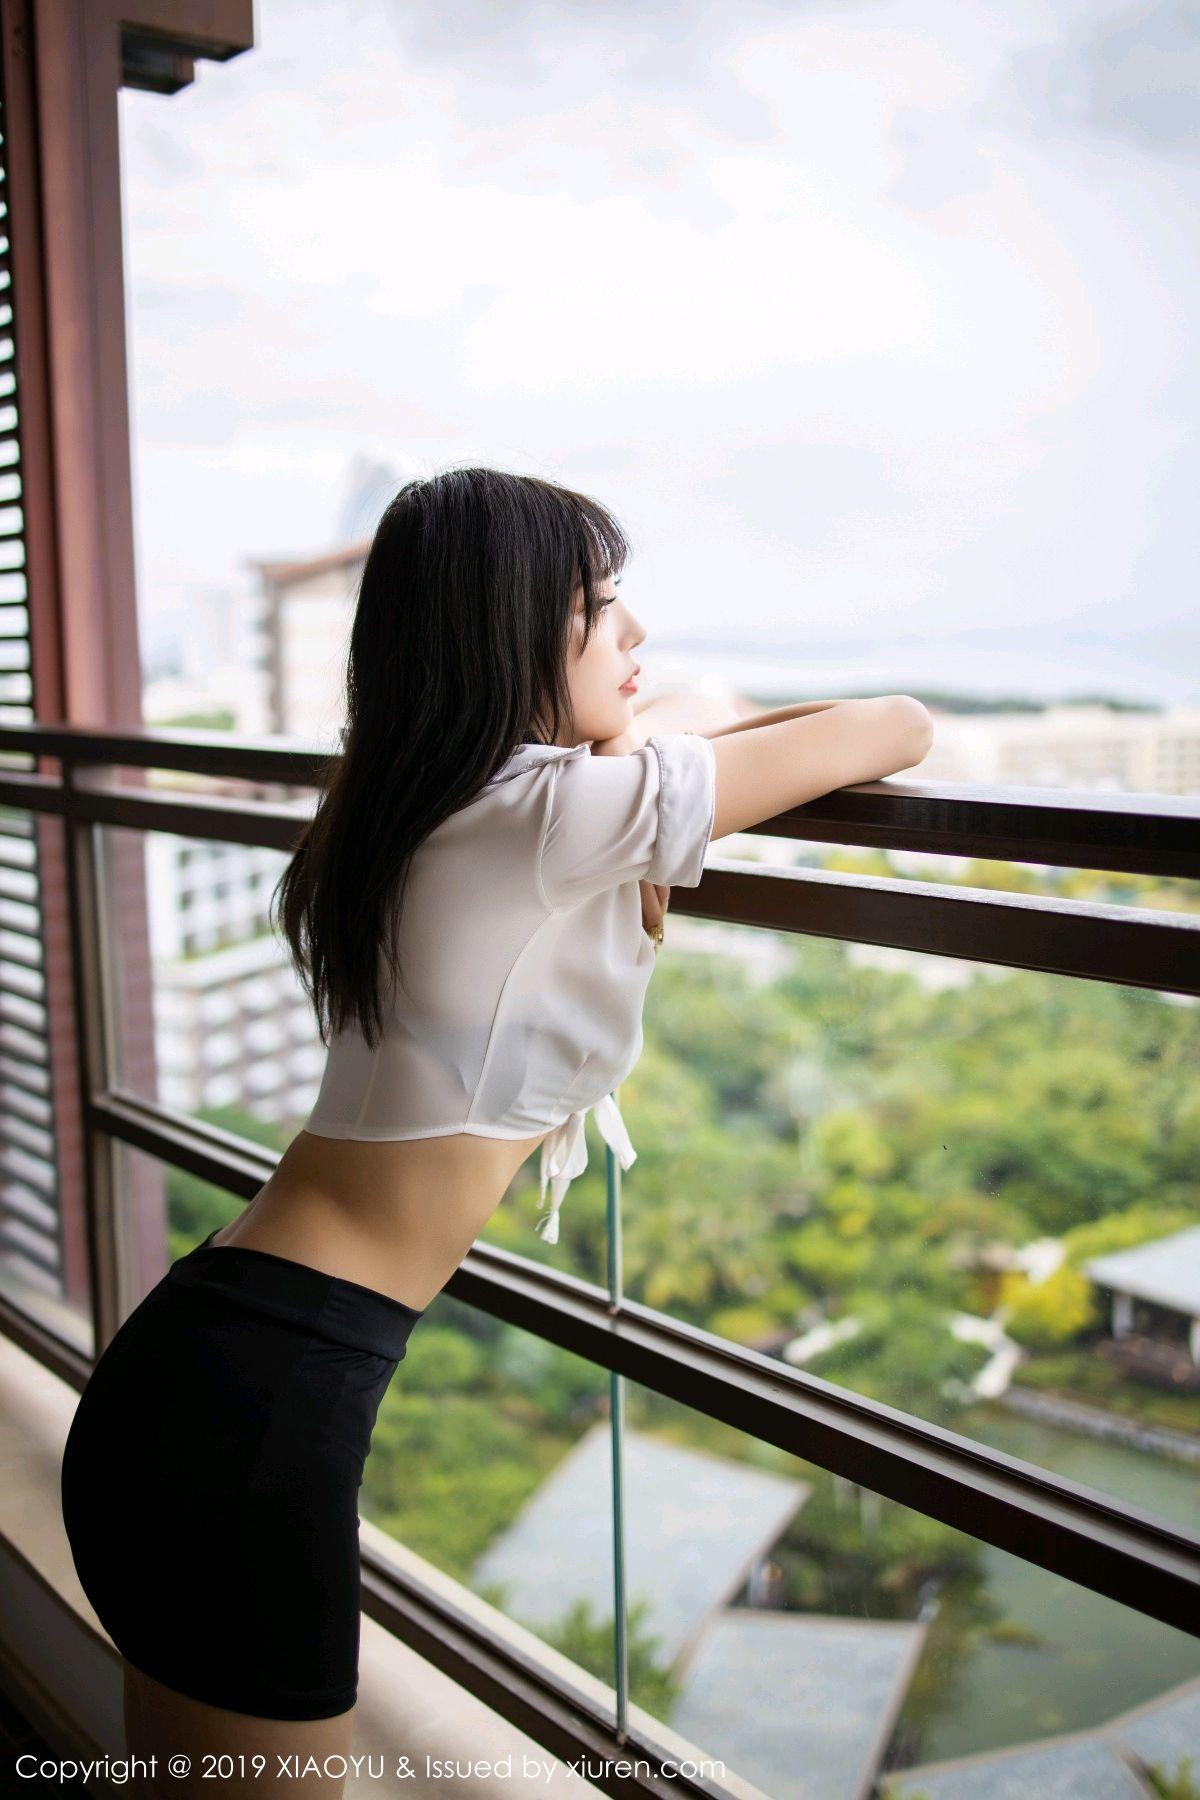 [XiaoYu] Vol.214 Yang Chen Chen 1P, Black Silk, Temperament, XiaoYu, Yang Chen Chen